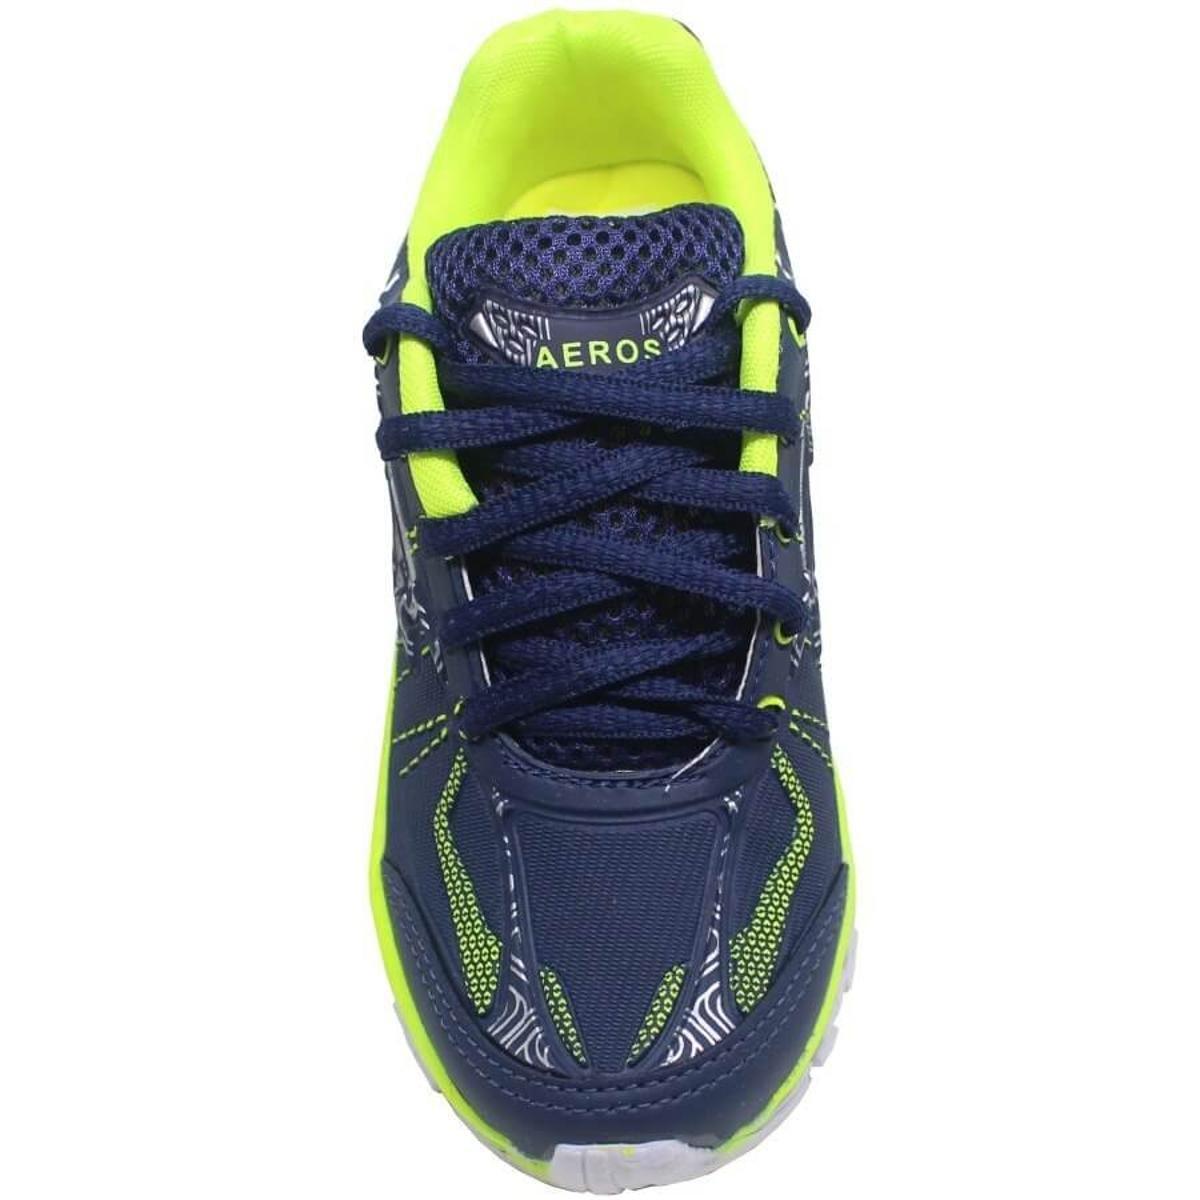 Kids Azul Tênis Aeros Aeros Limão Infantil Kids Infantil Verde e Verde Tênis e Azul vAv8rxU